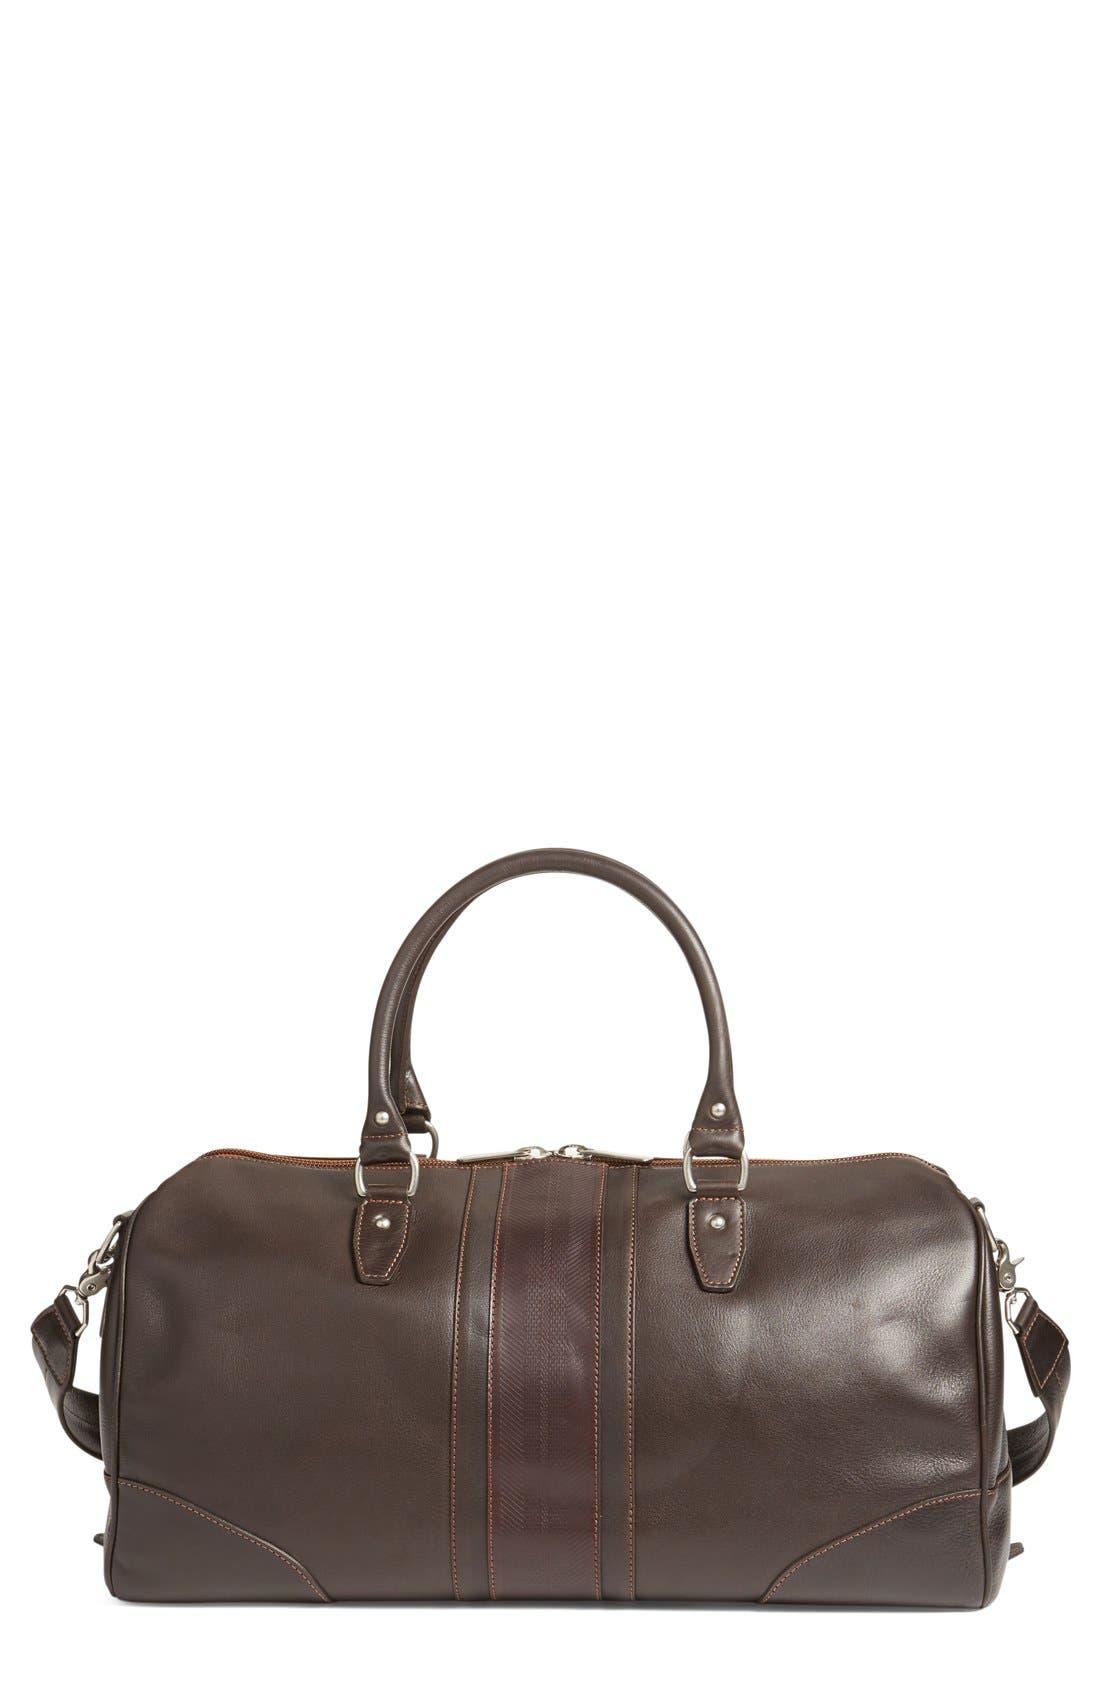 MARTIN DINGMAN 'Polocrosse' Duffel Bag, Main, color, DARK BROWN